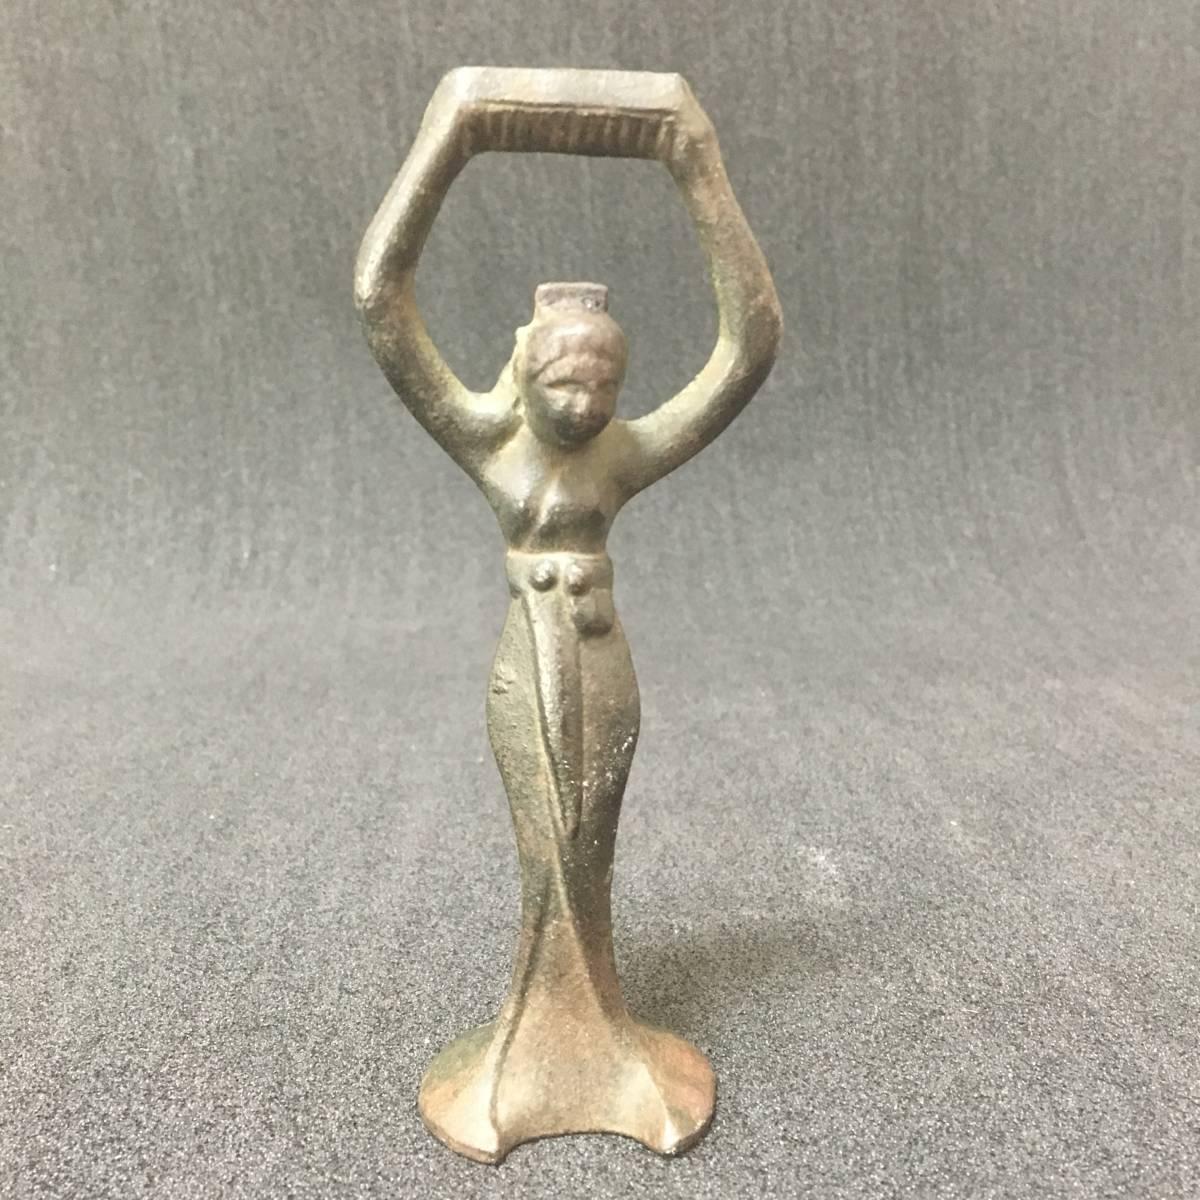 【130】鉄製 古い 栓抜き 古代 女性像 コレクション 置物 インテリ小物 高さ14.1cm_画像1